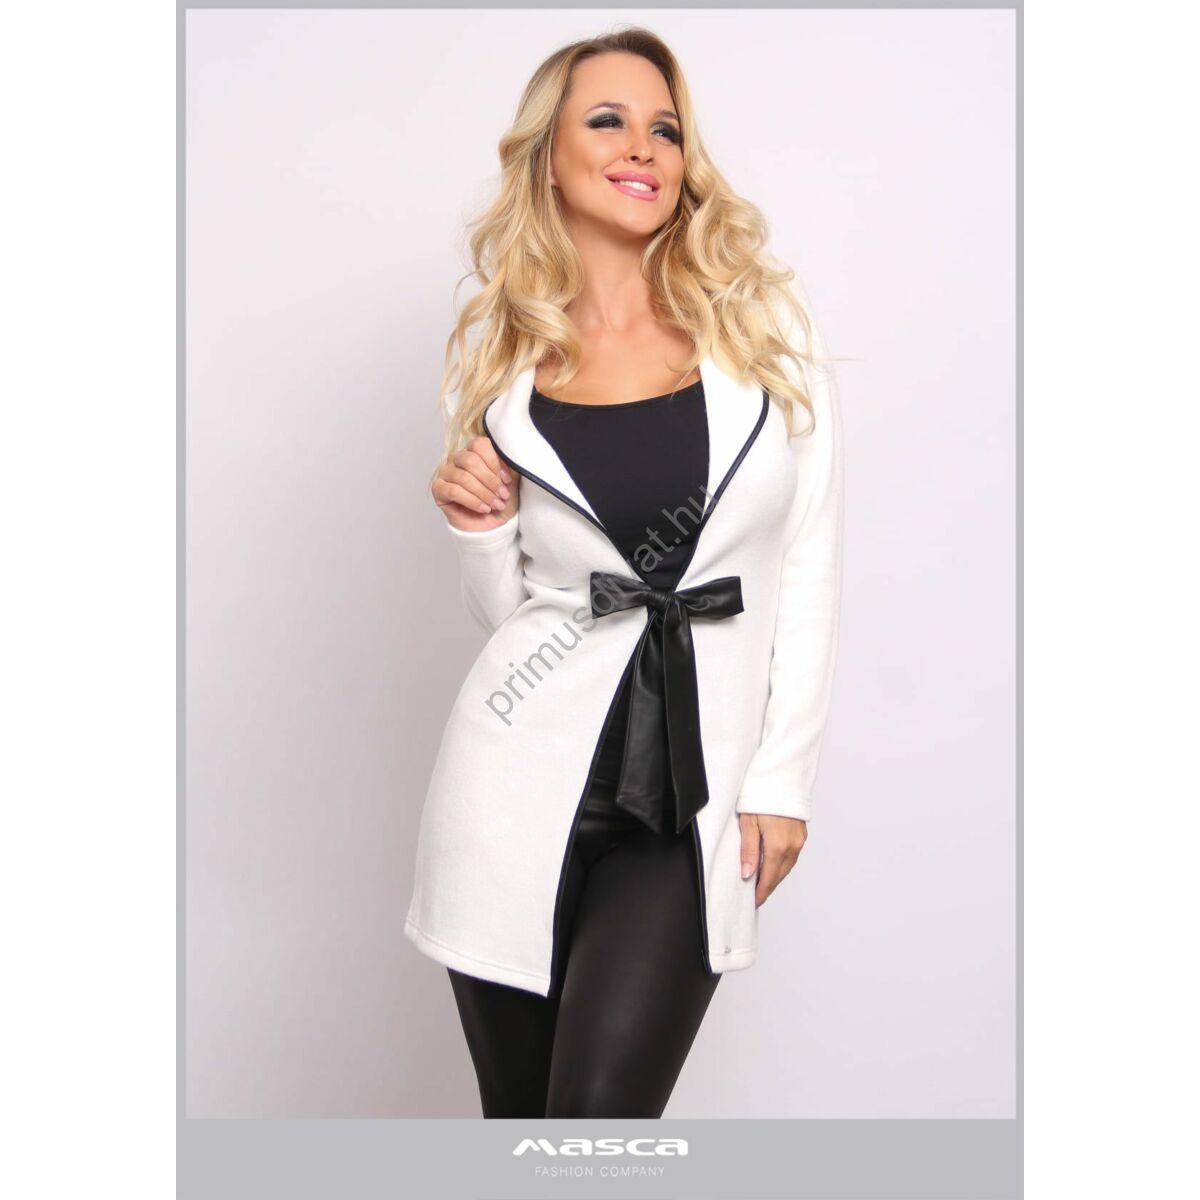 Masca Fashion fekete műbőr szegélyes kihajtós galléros, megkötős elejű rugalmas kötött törtfehér kardigán